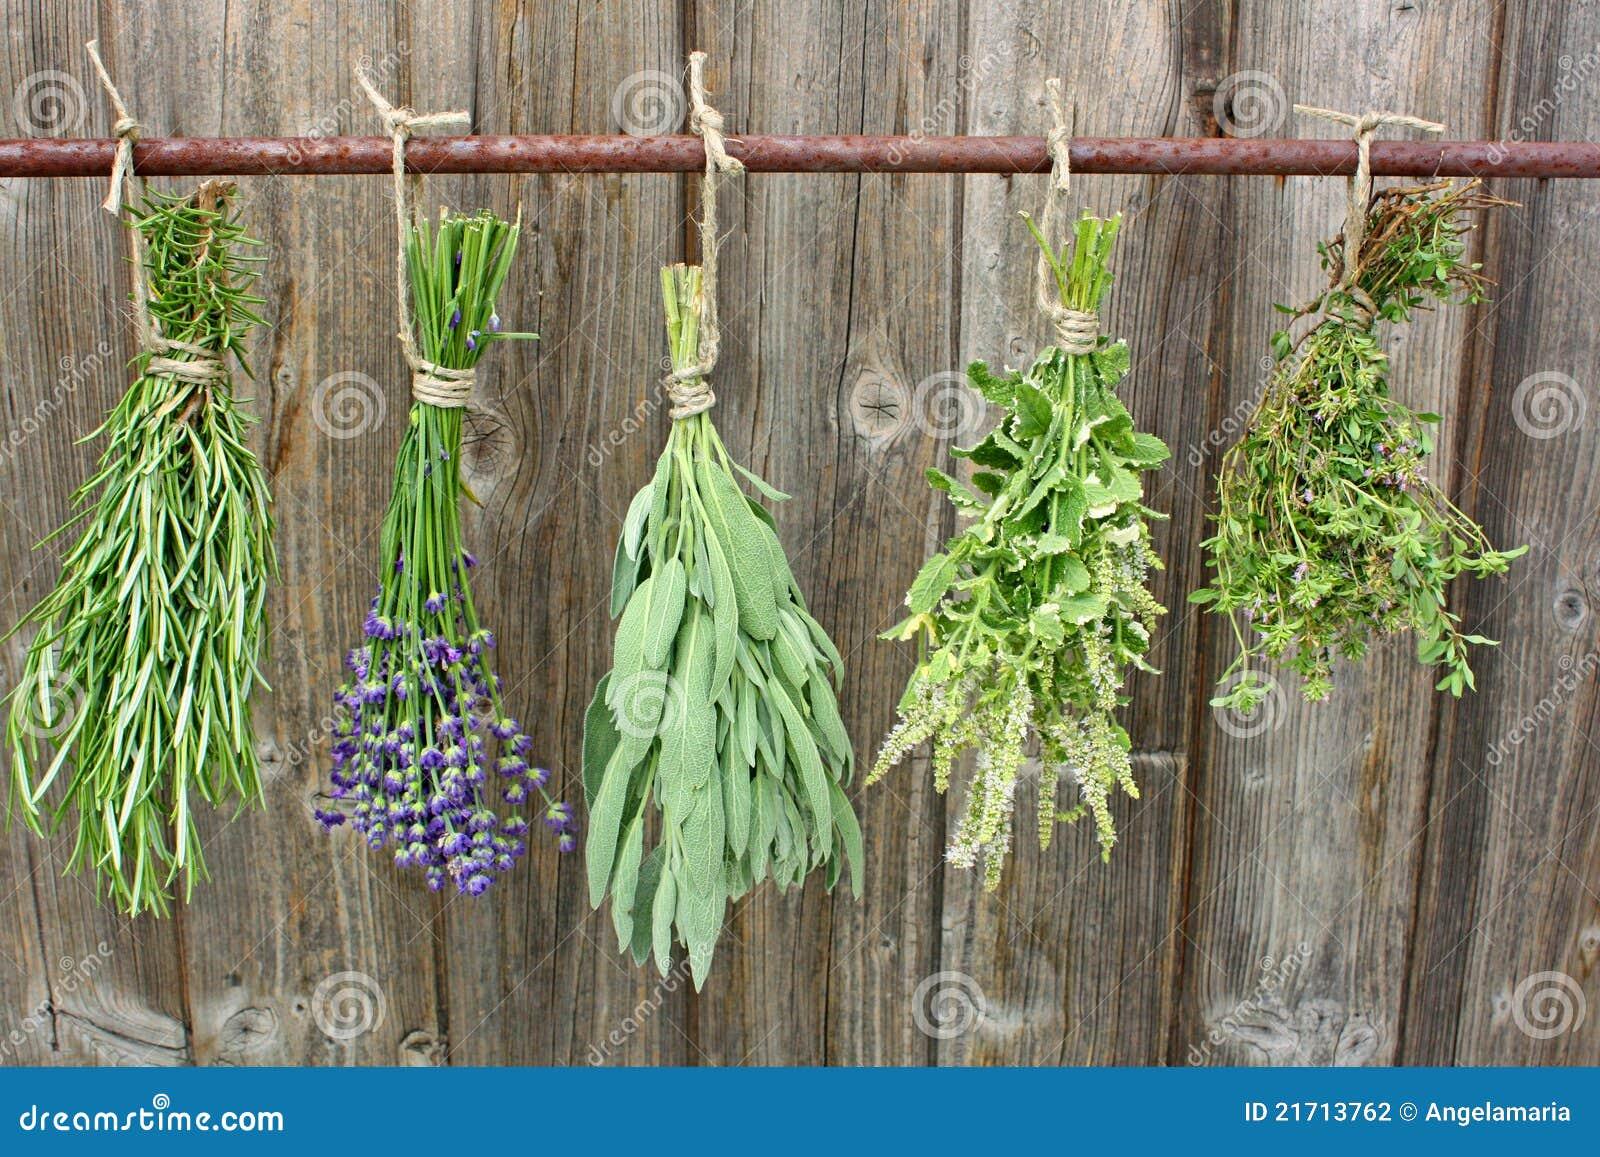 Suszarniczy ziele